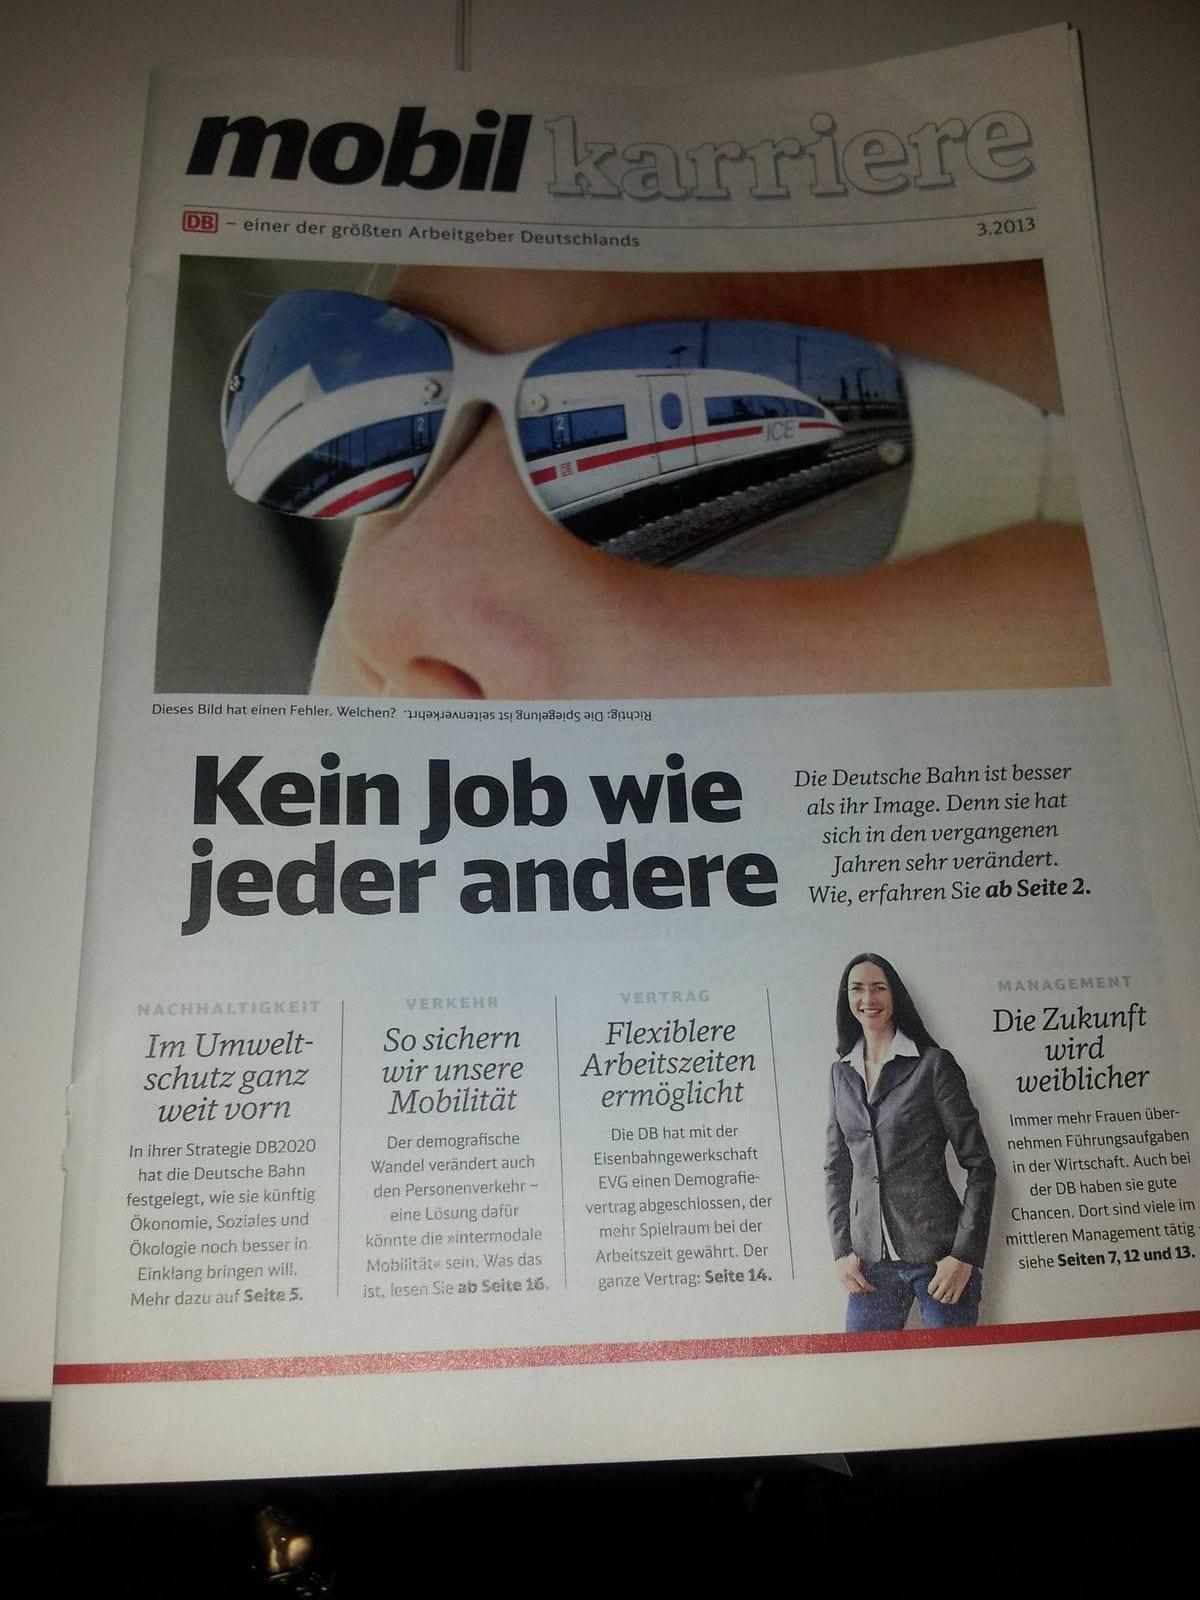 mobil karriere - Karrieremagazin der DB Deutsche Bahn